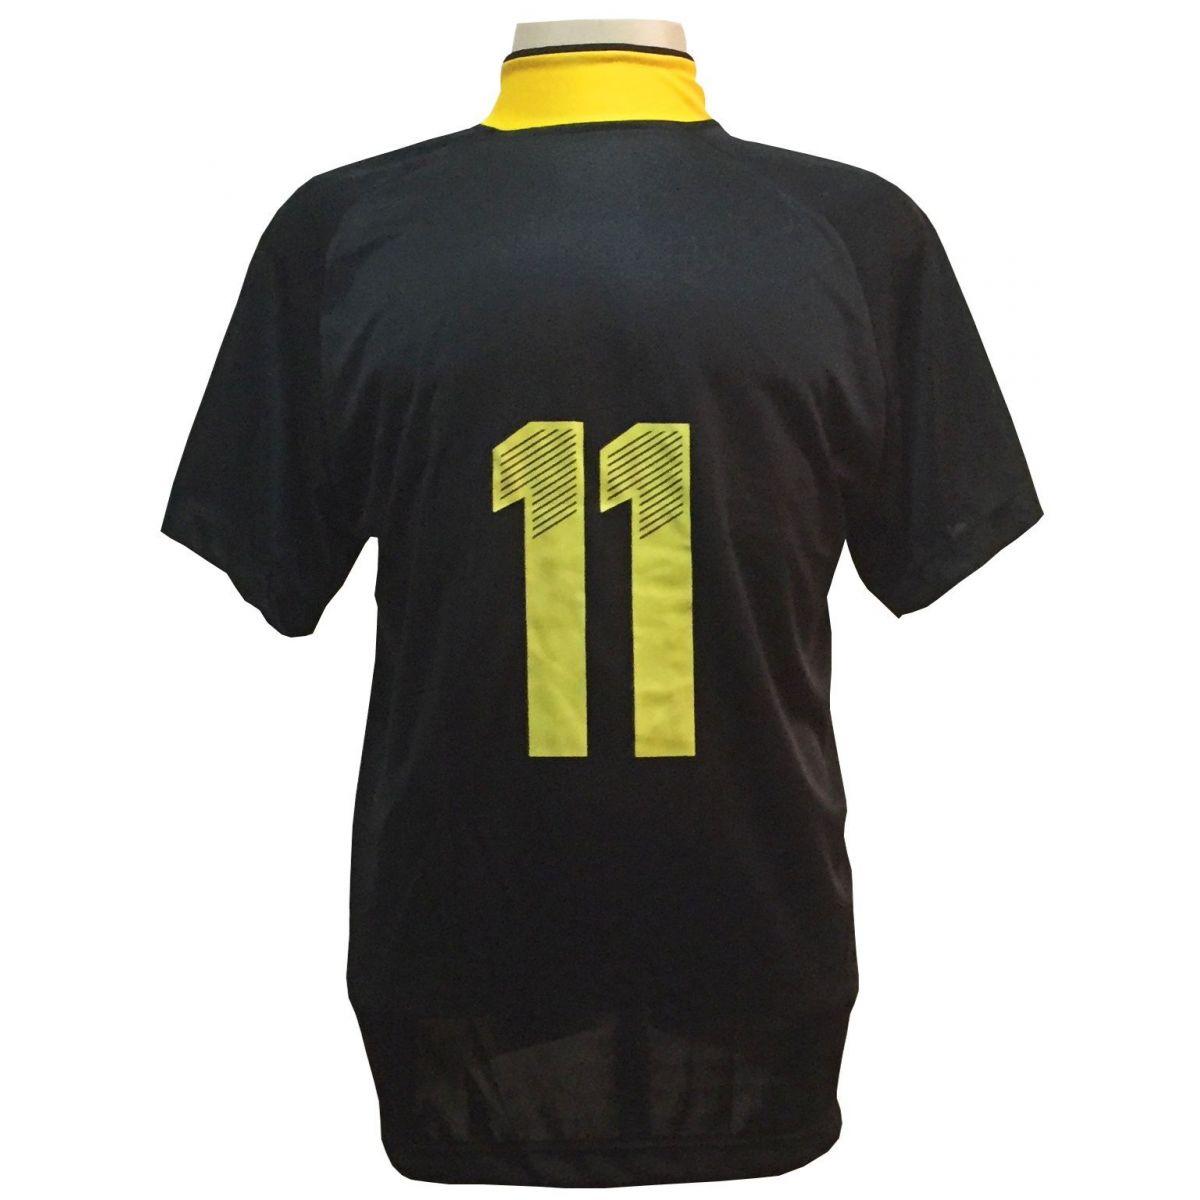 Uniforme Esportivo com 18 camisas modelo Milan Preto/Amarelo + 18 calções modelo Madrid + 1 Goleiro + Brindes